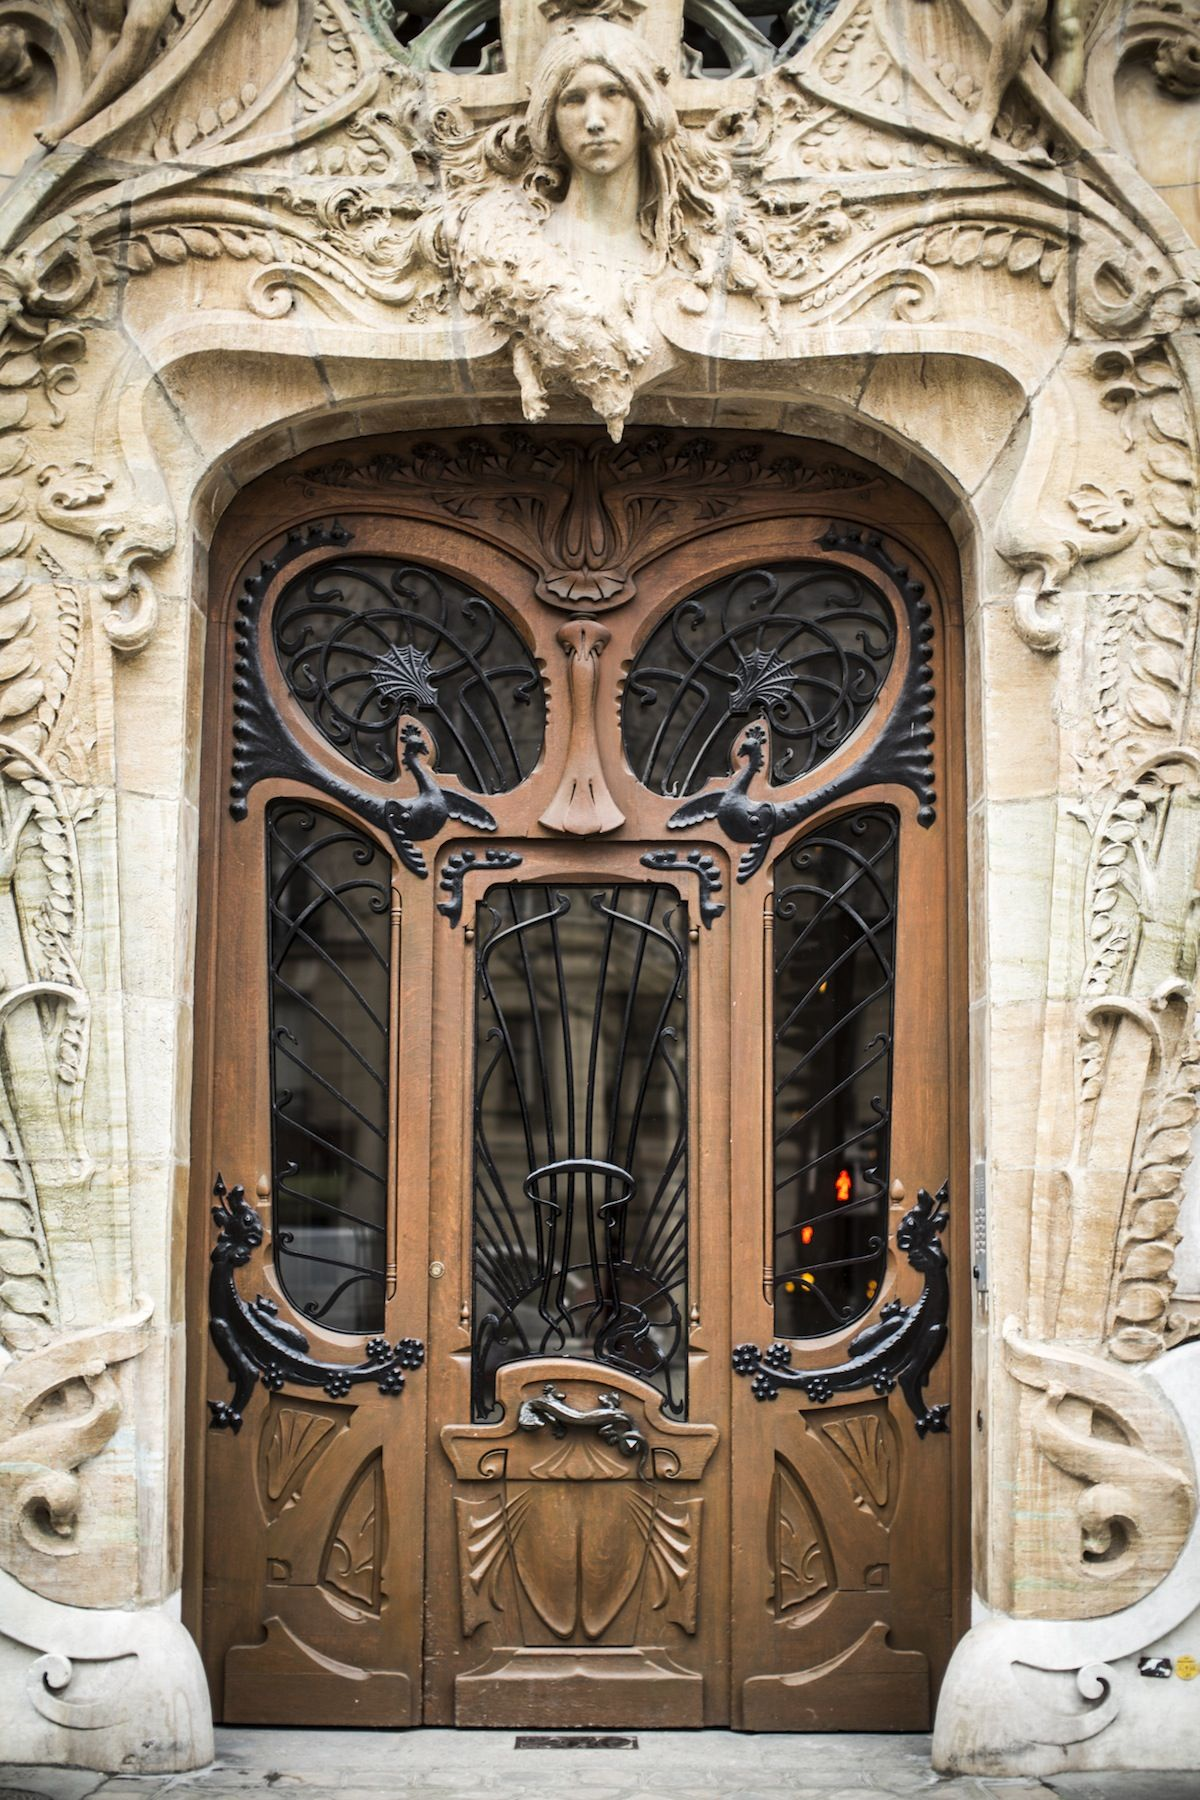 Art nouveau in paris art nouveau pinterest jugendstil jugendstil architektur et - Jugendstil innenarchitektur ...